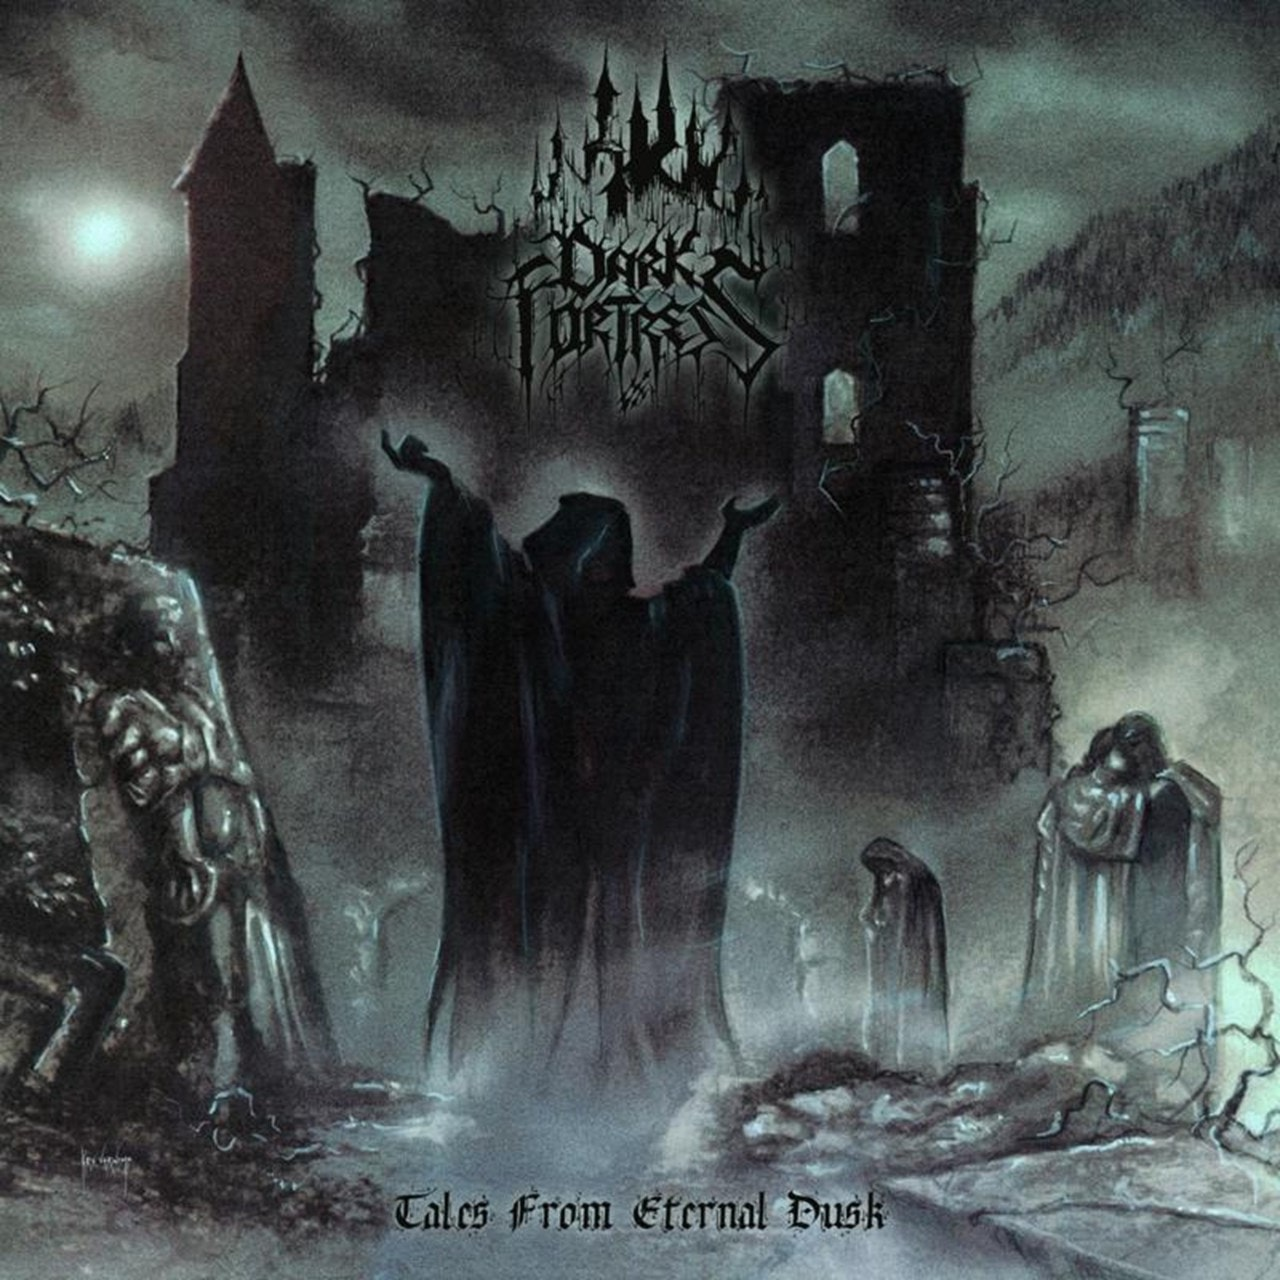 Tales from Eternal Dusk - 1